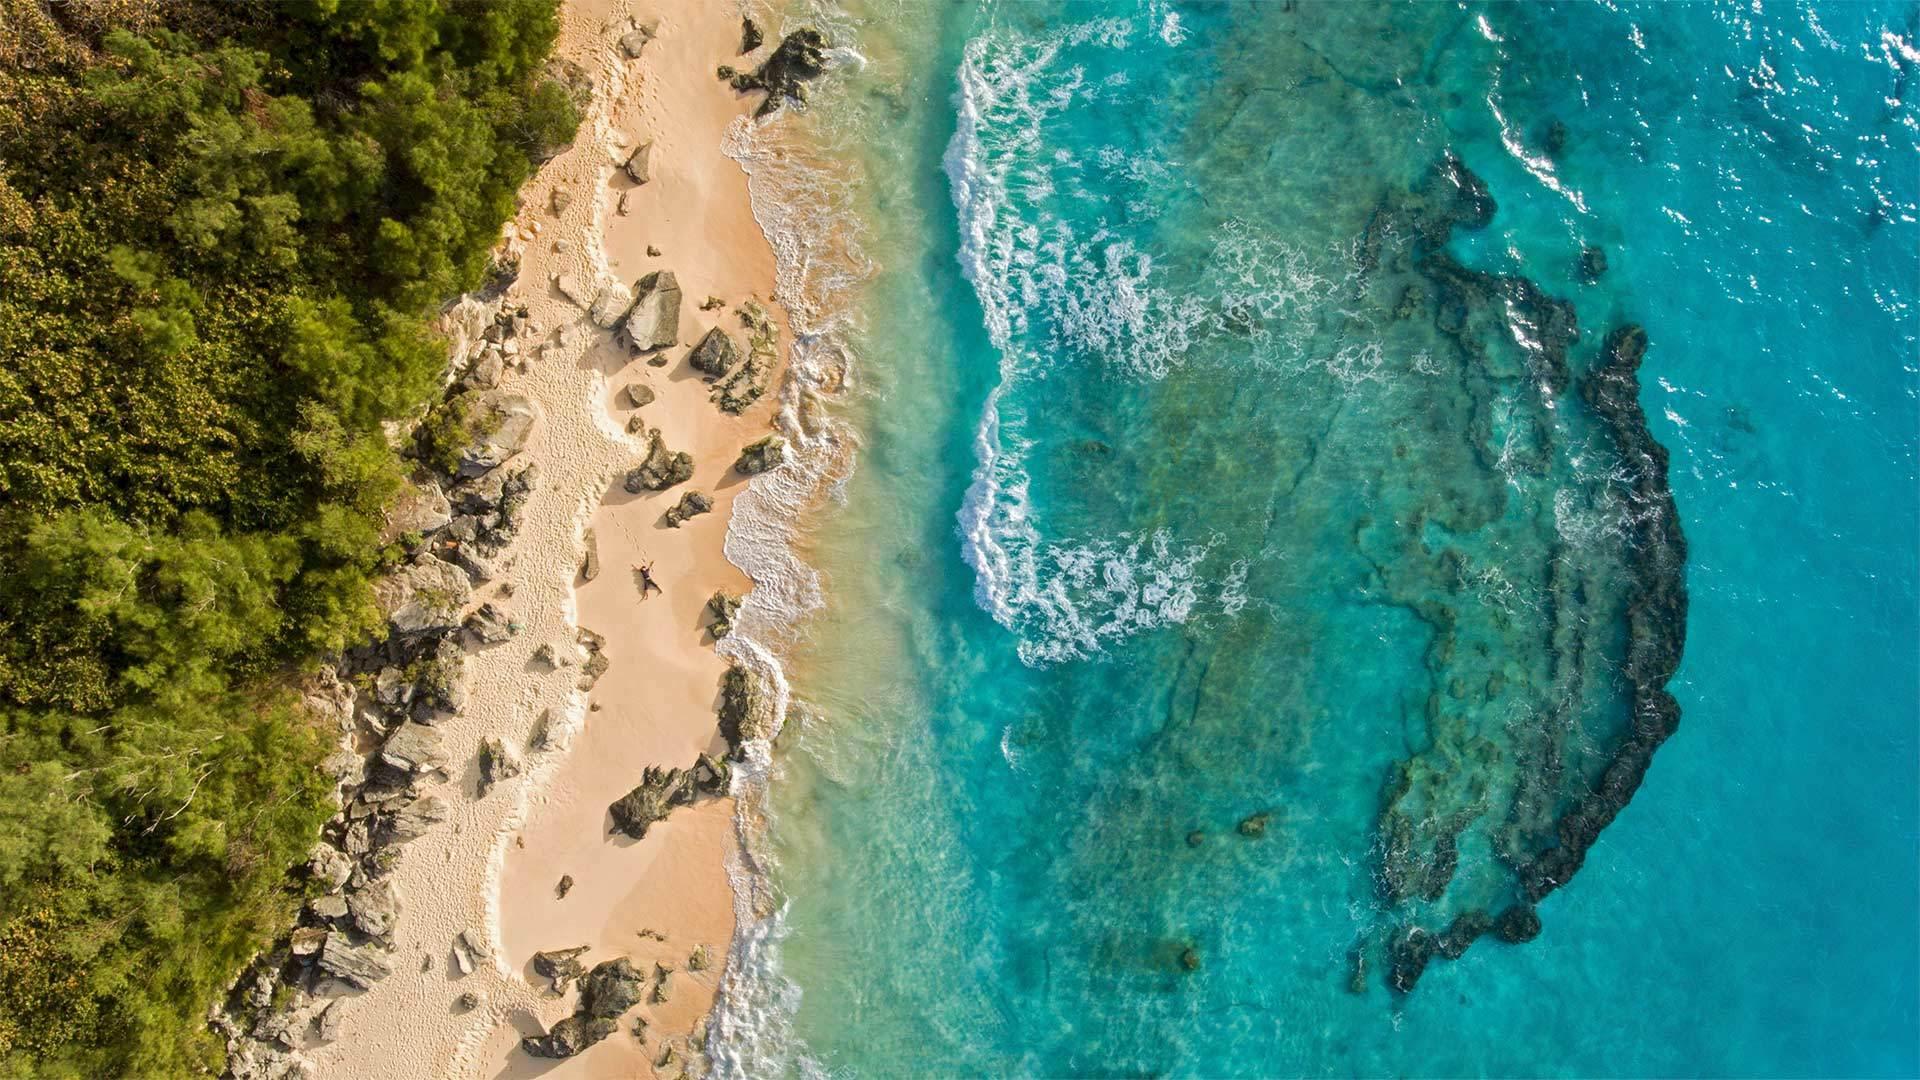 百慕大马利海滩鸟瞰图百慕大马利海滩